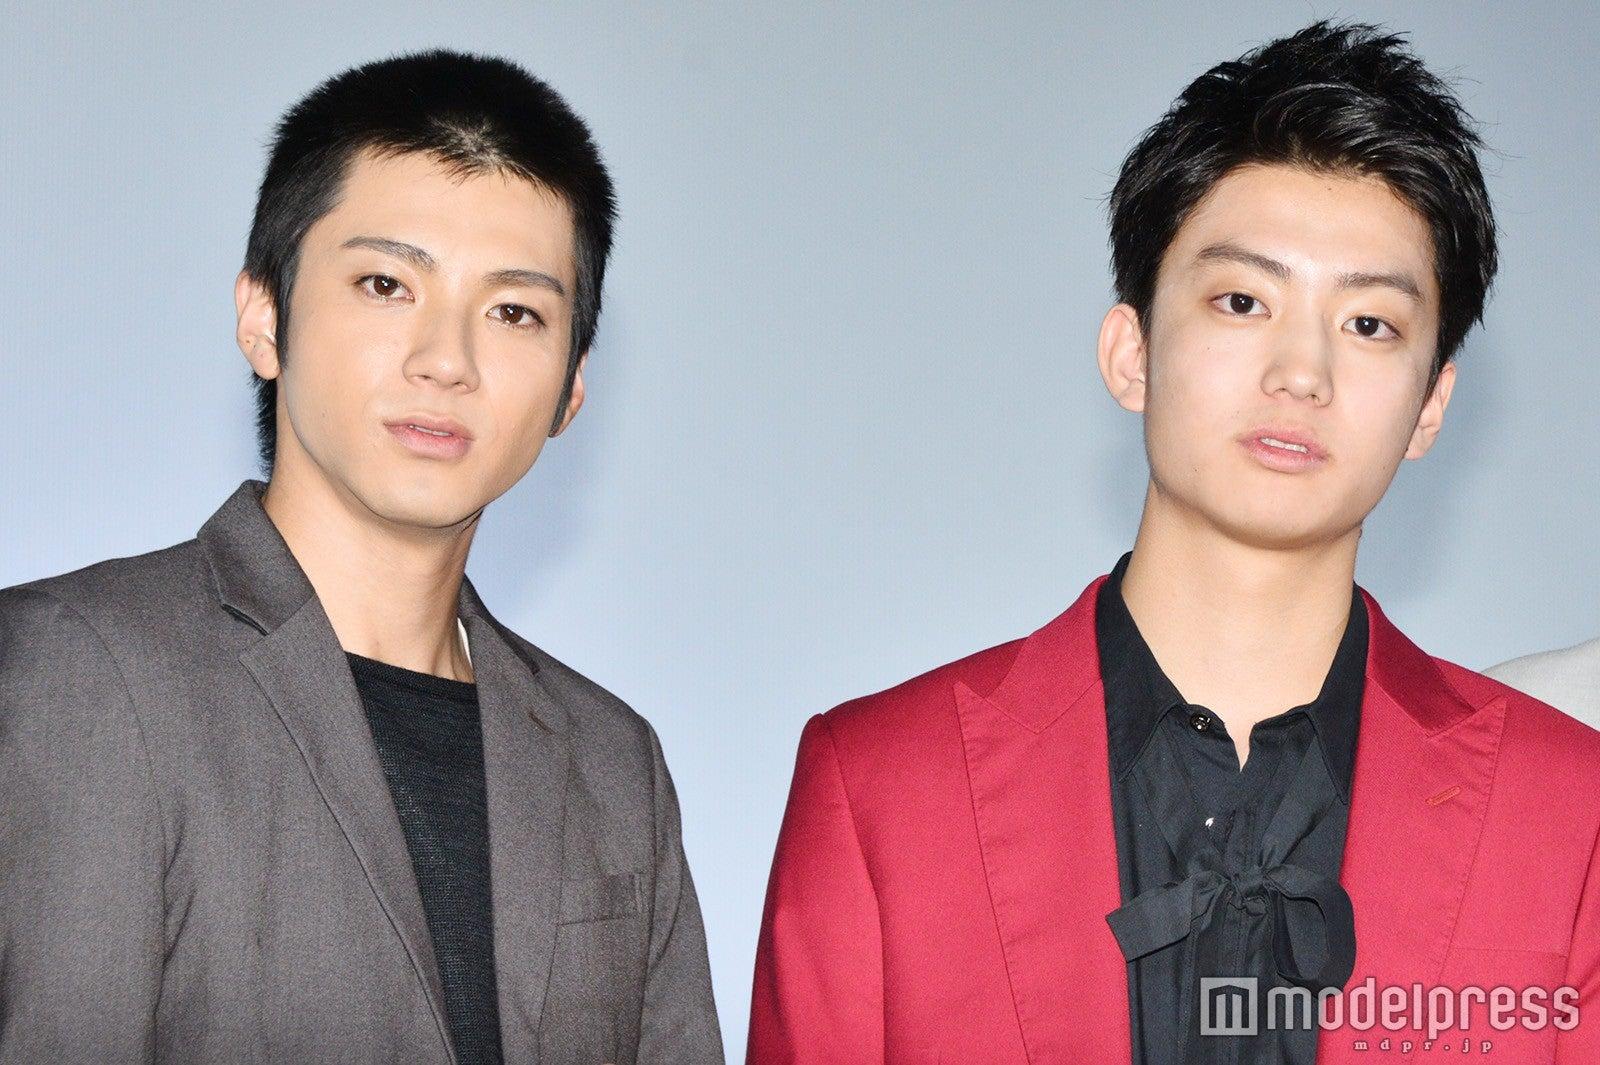 左から)山田裕貴、健太郎 (C)モデルプレス